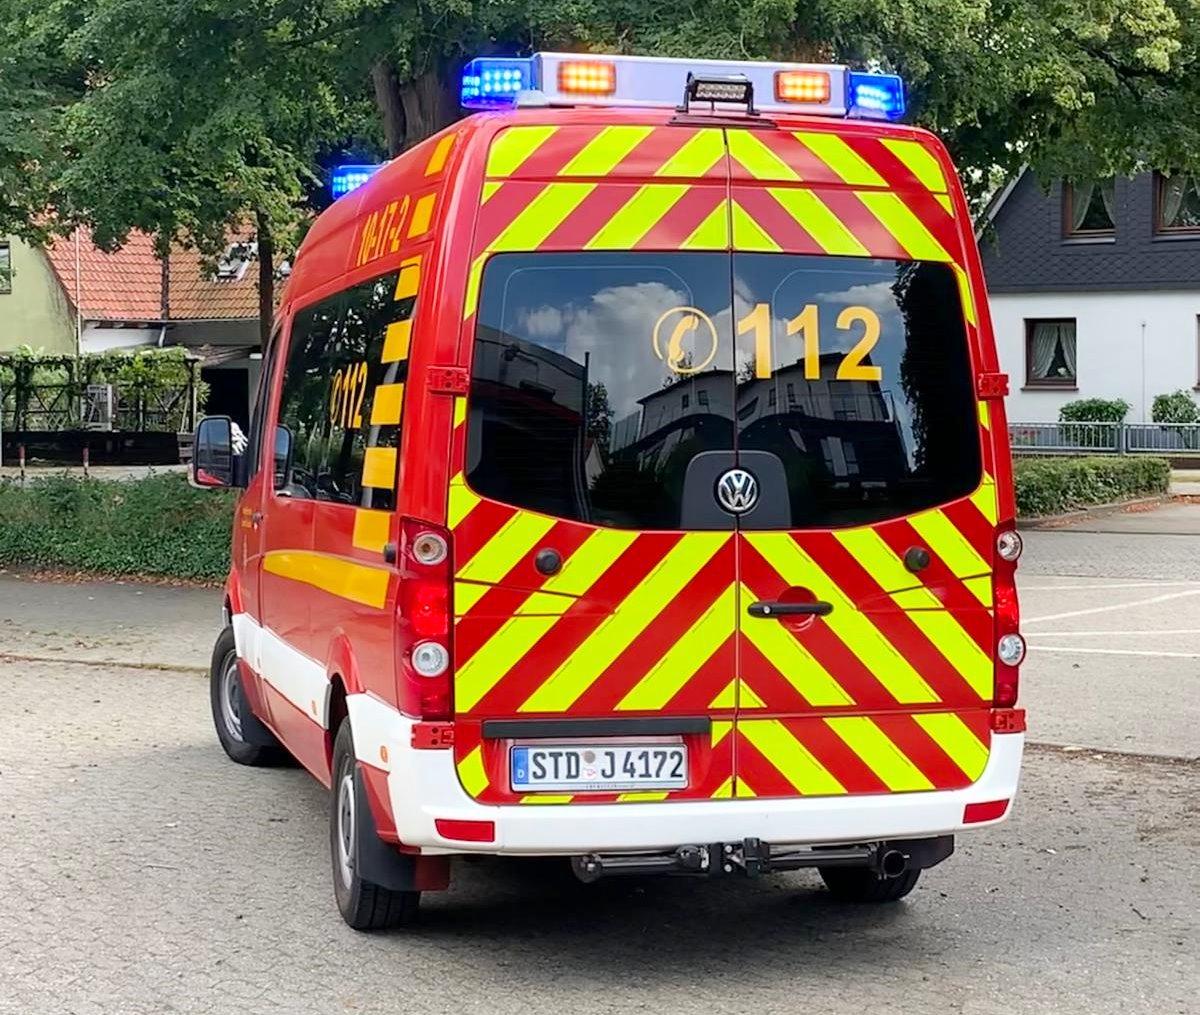 https://www.feuerwehr-buxtehude.de/media/img/bilder_ow_bu2/bilder_bu2_fa/mtf/4172c.jpg